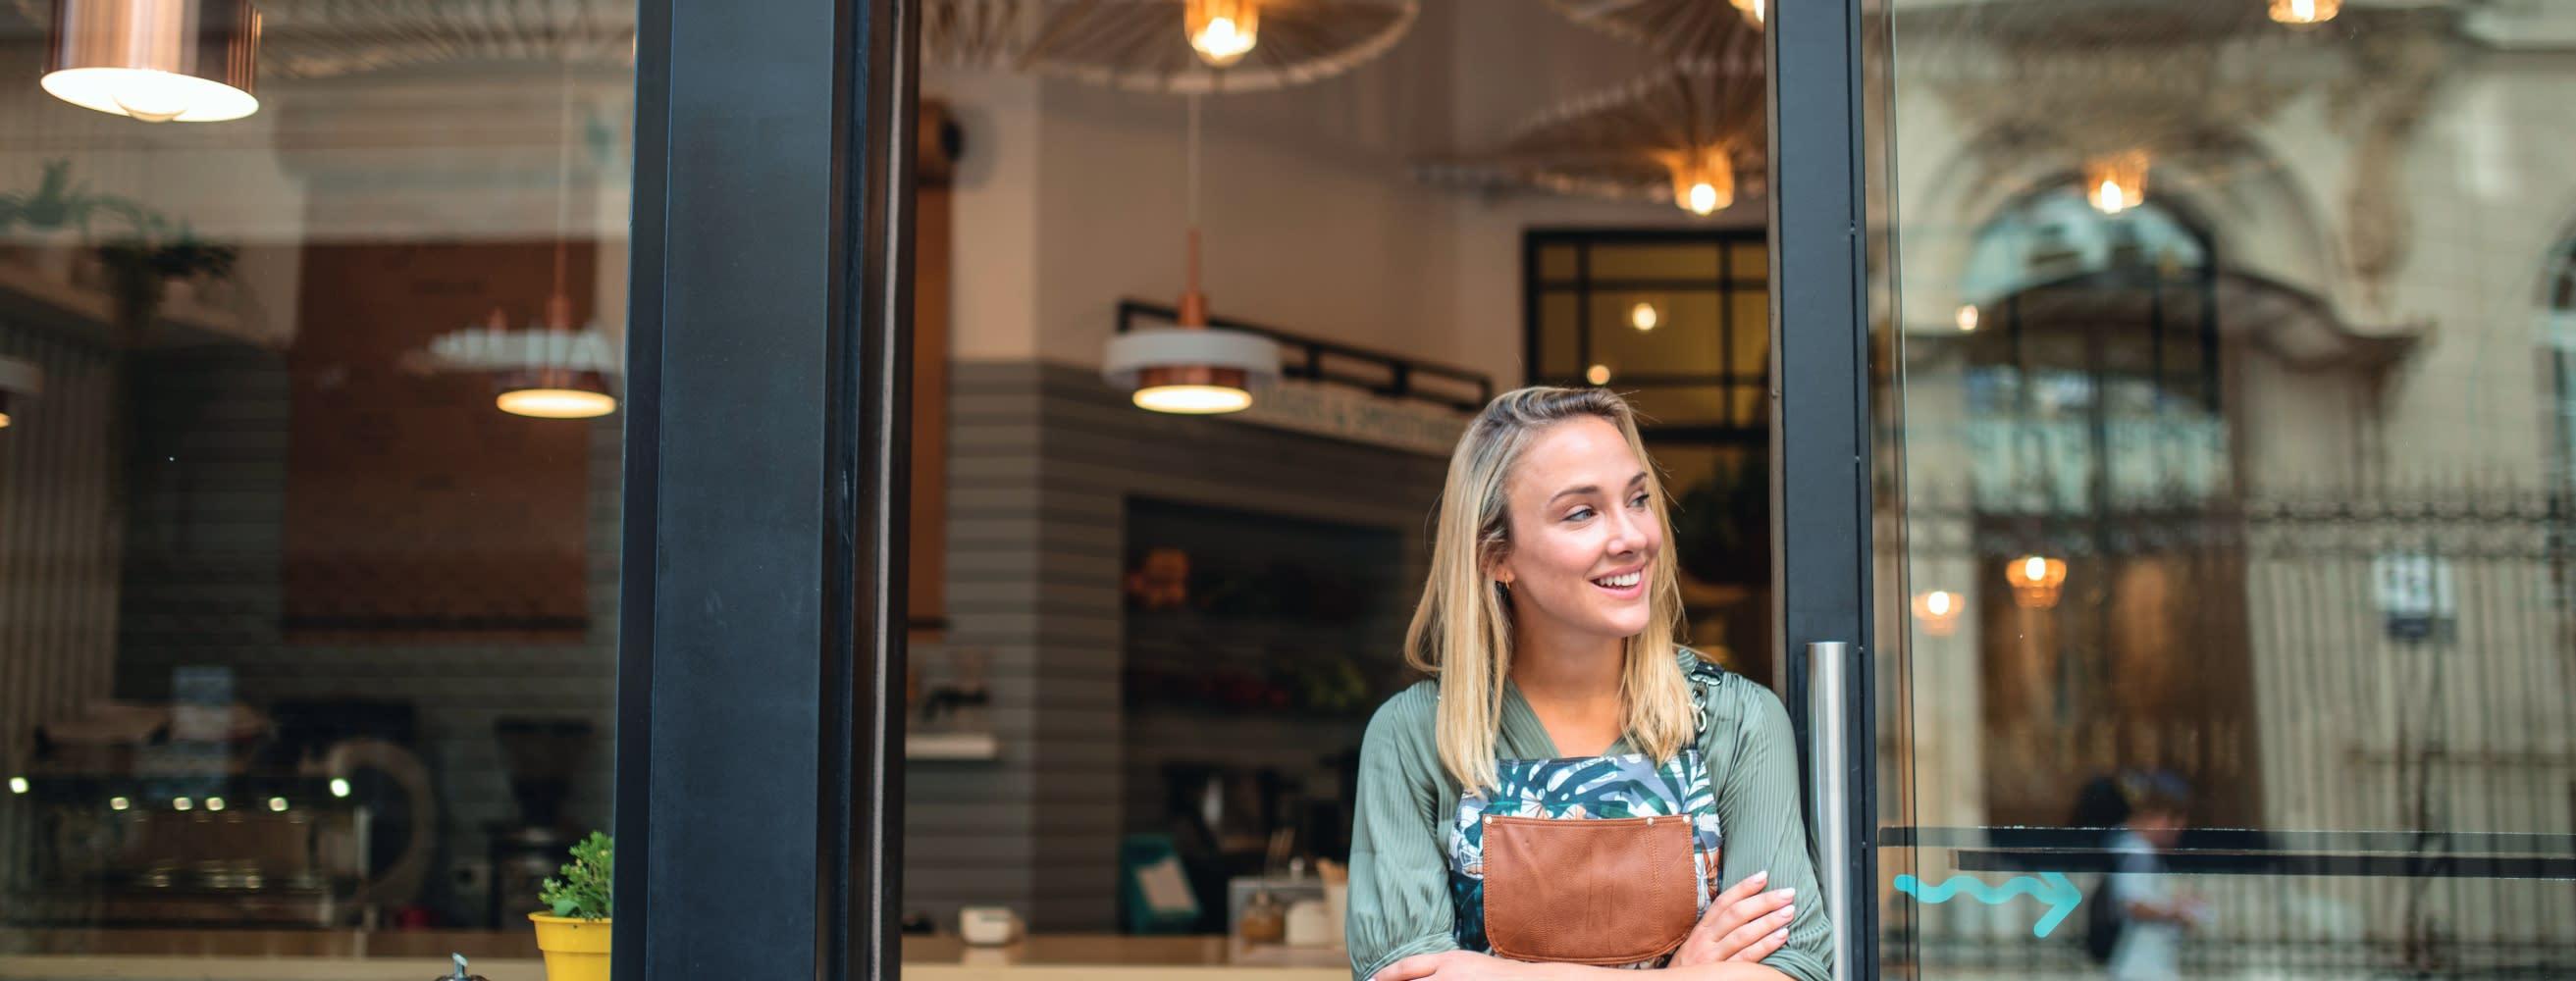 Woman in cafe doorway